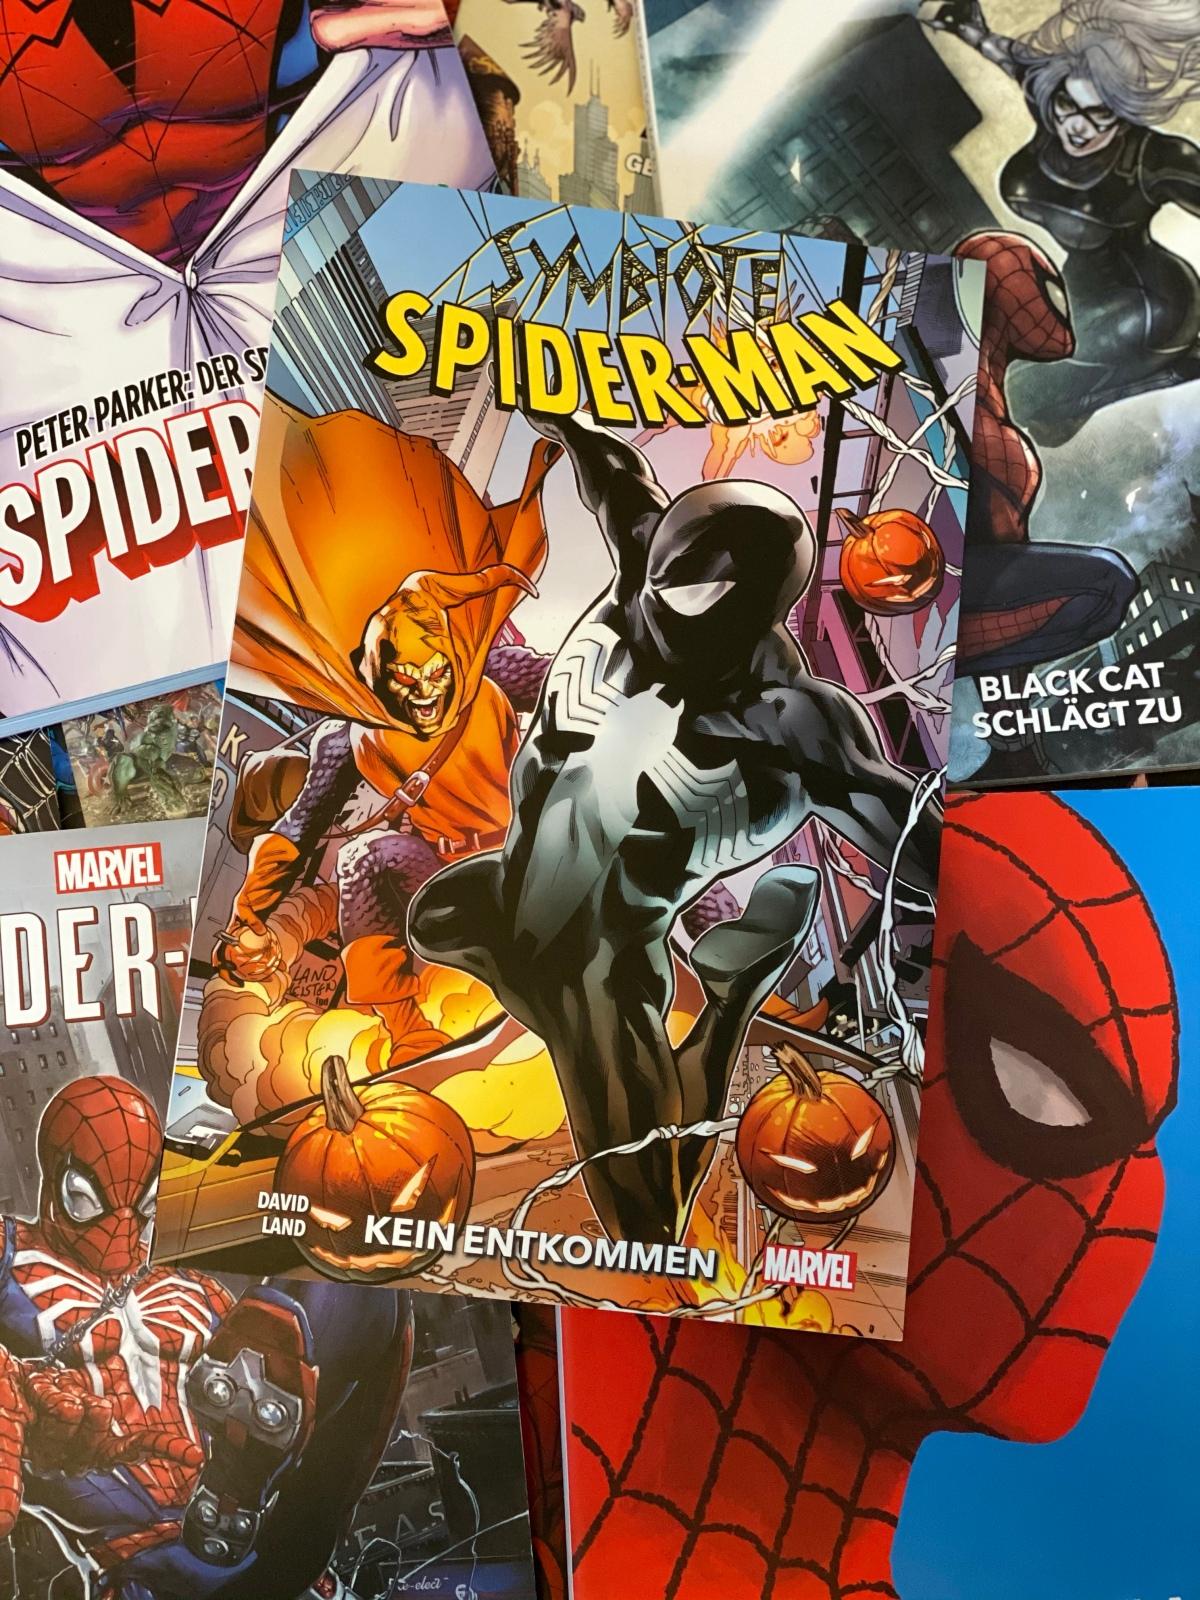 Symbiote Spider-Man: Kein Entkommen |Review